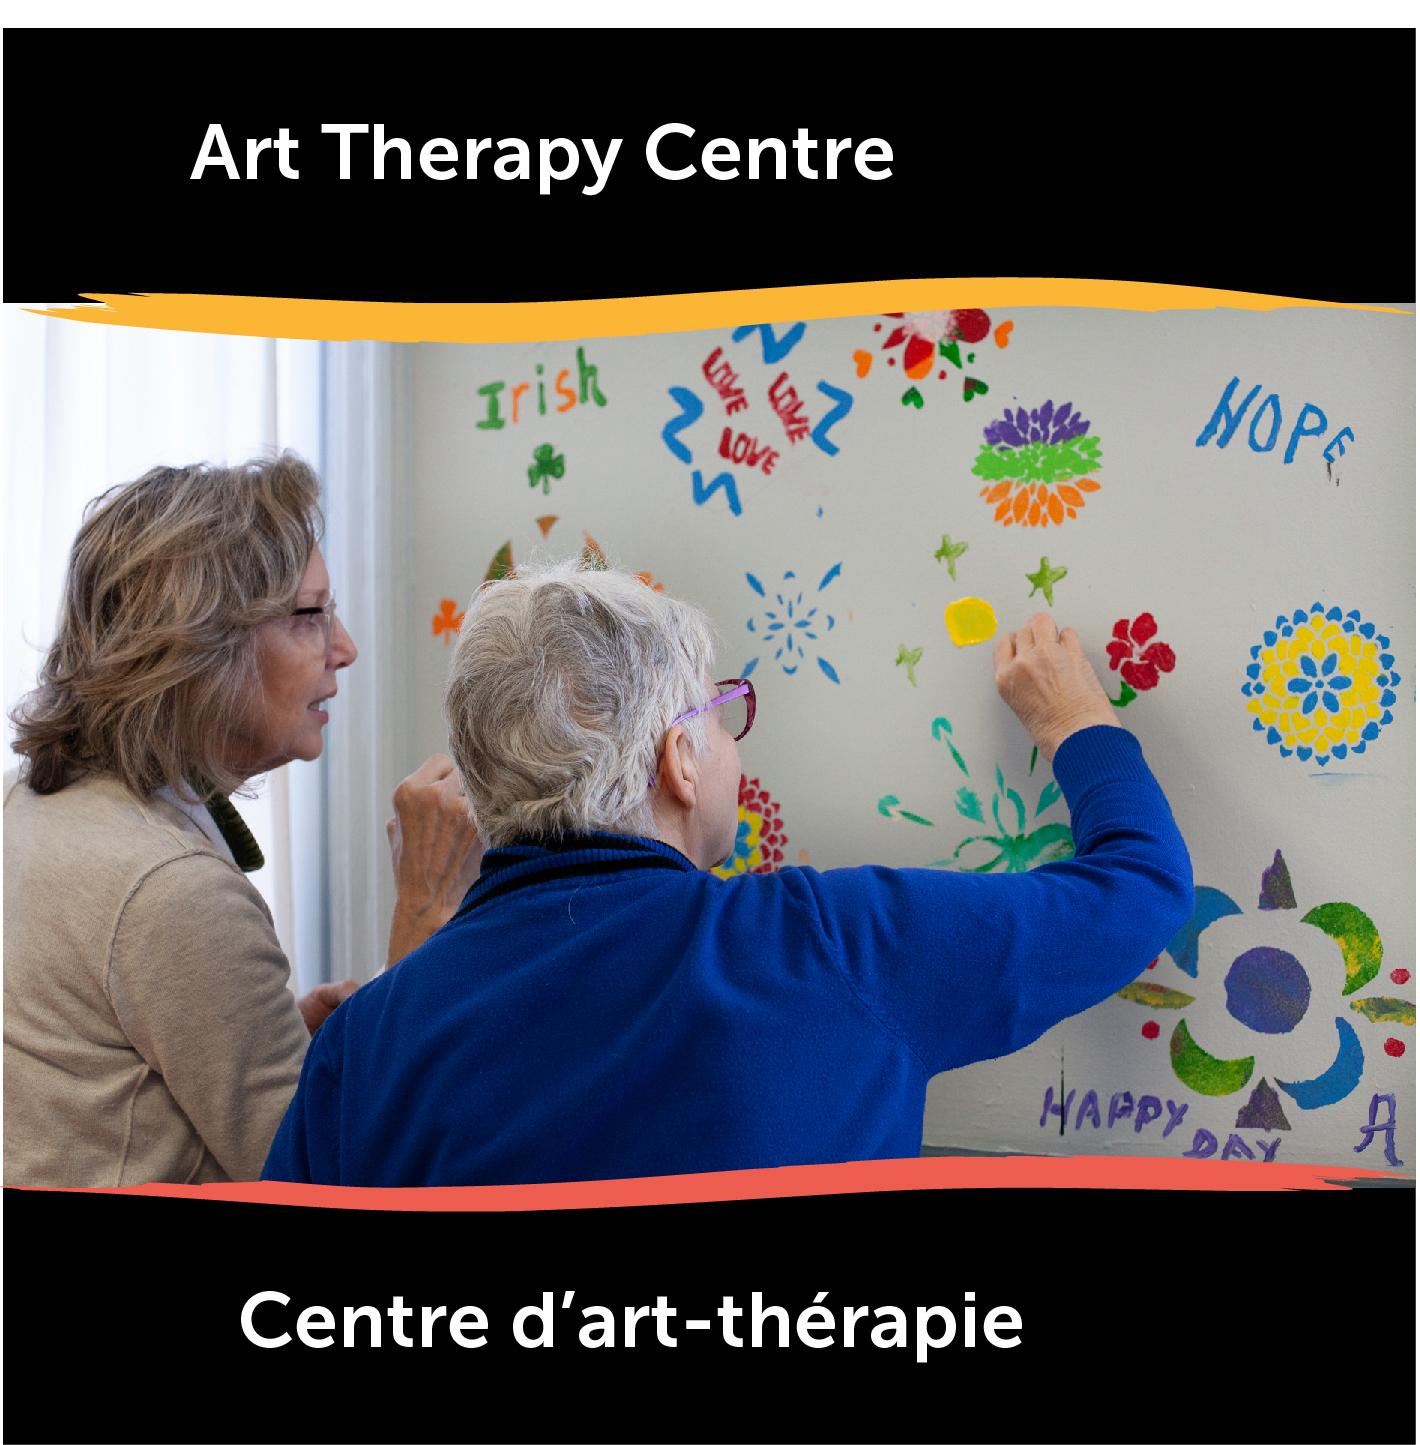 Art Therapy Centre - Centre D'art-thérapie